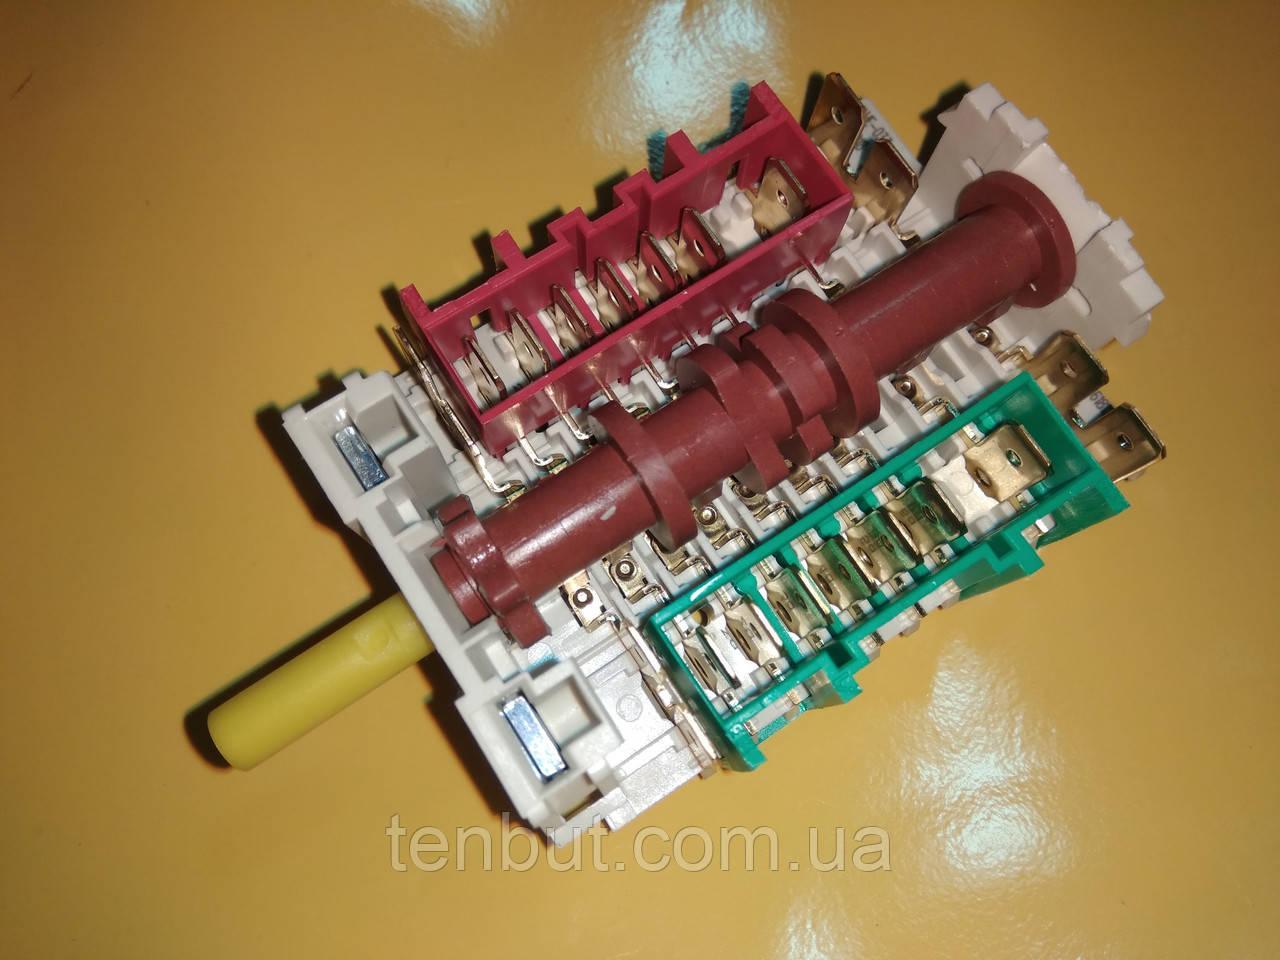 Перемикач ПМ-033 ( 11НЕ-033 ) 6 -ти позиційний виробництво Італія